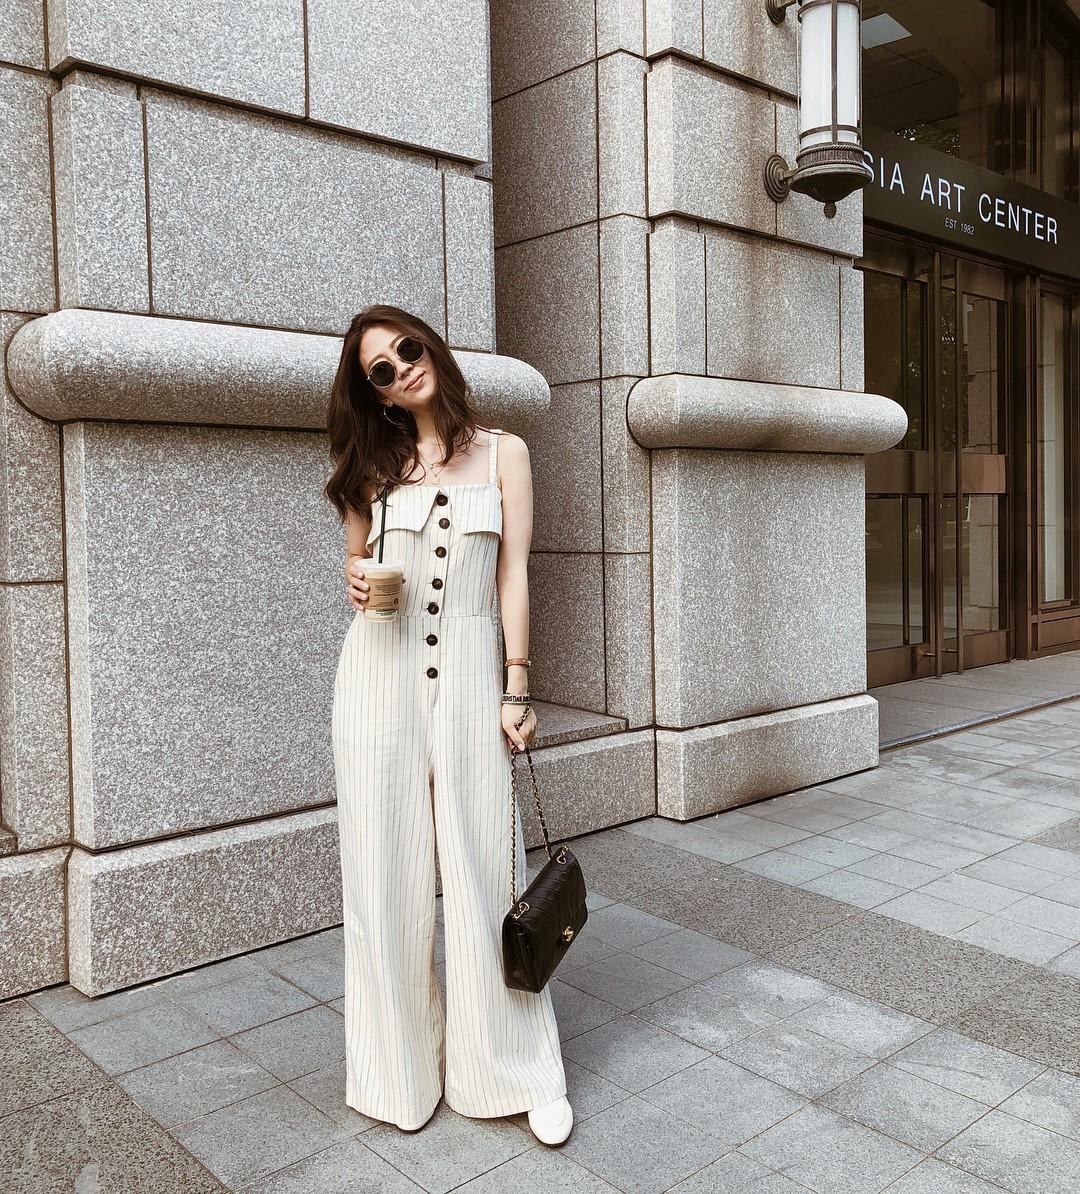 6 items thời trang các quý cô ngoài 30 tuổi cần có để thật xinh đẹp và cuốn hút trong mọi hoàn cảnh - Ảnh 22.